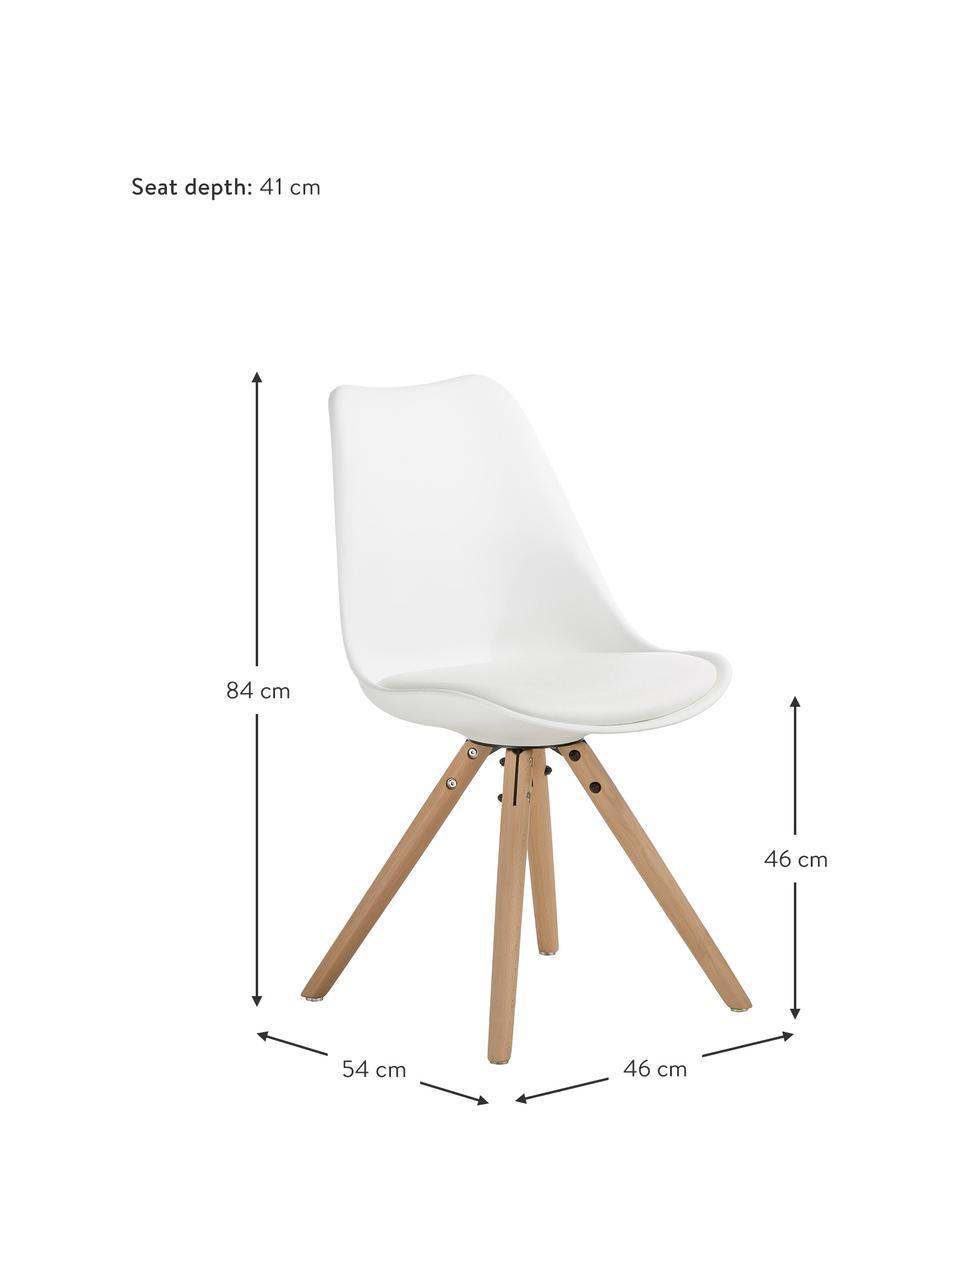 Stoelen Max, 2 stuks, Zitvlak: kunstleer (polyurethaan), Zitvlak: kunststof, Poten: beukenhout, Wit, B 46 x D 54 cm